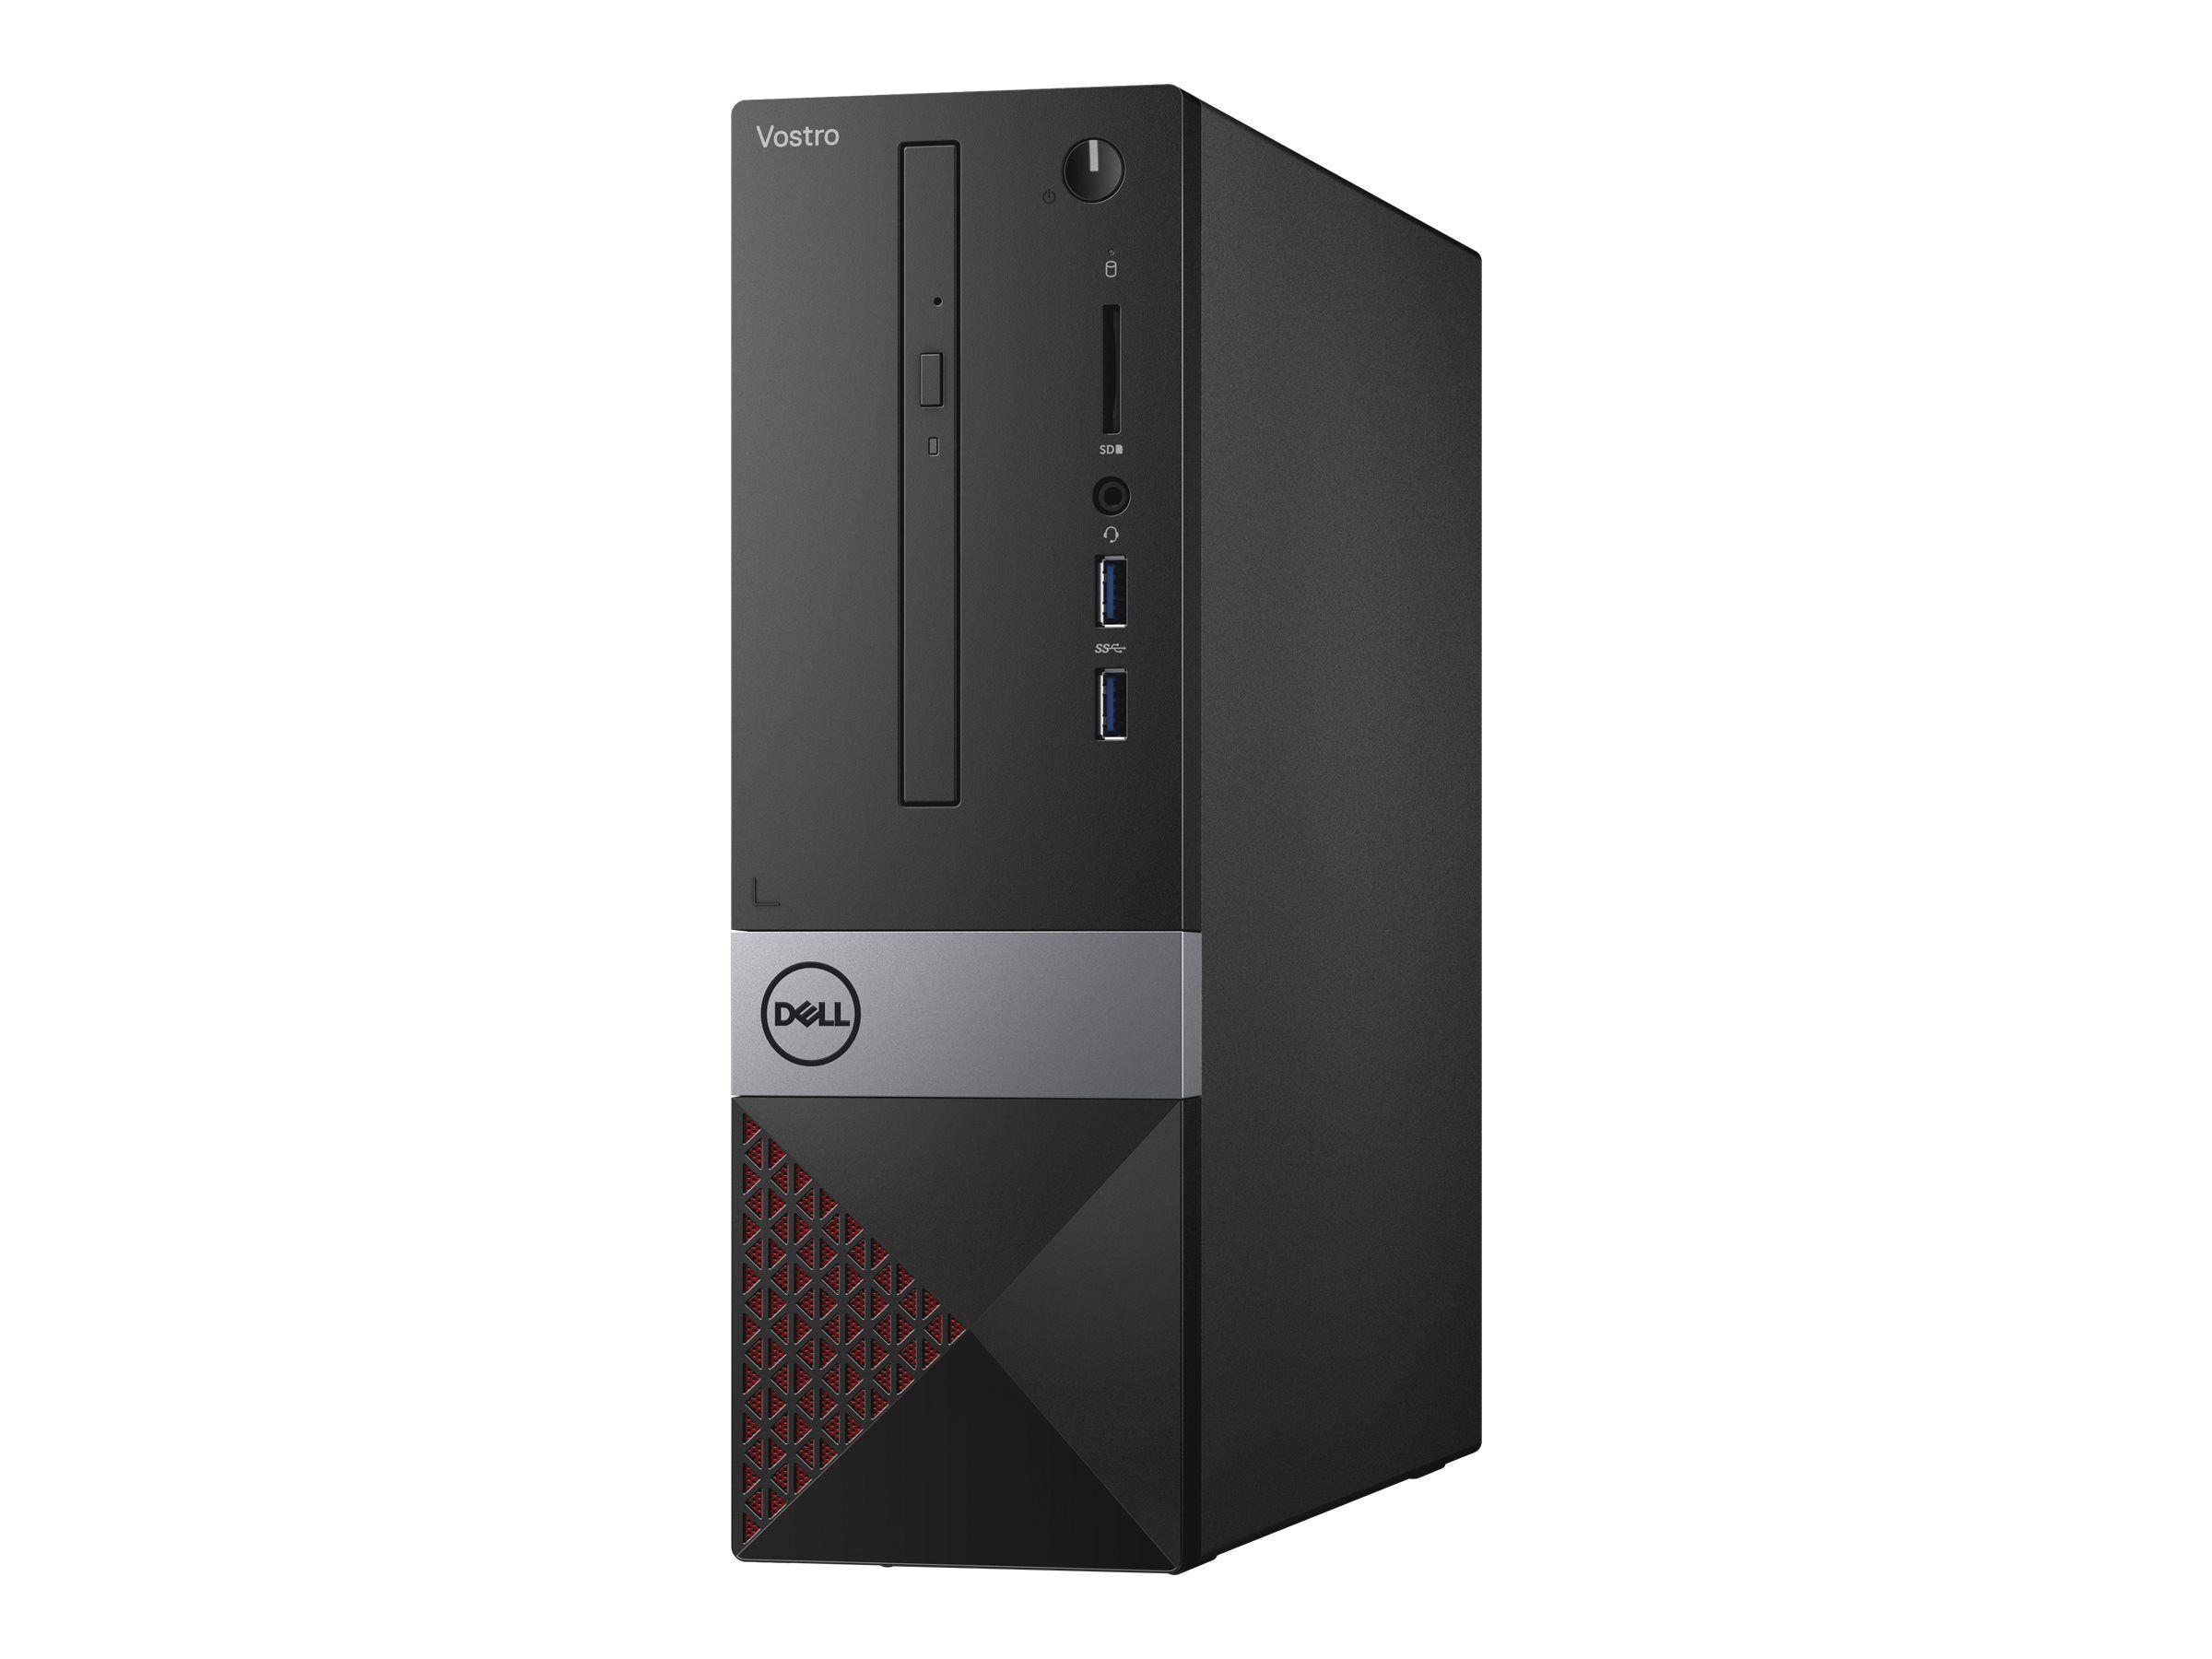 Dell Vostro 3471 - SFF - Core i3 9100 / 3.6 GHz - RAM 4 Go - SSD 128 Go - graveur de DVD - UHD Graphics 630 - GigE - LAN sans fil: 802.11b/g/n, Bluetooth 4.0 - Win 10 Pro 64 bits - moniteur : aucun - BTS - avec 1 Year Dell Collect and Return Service